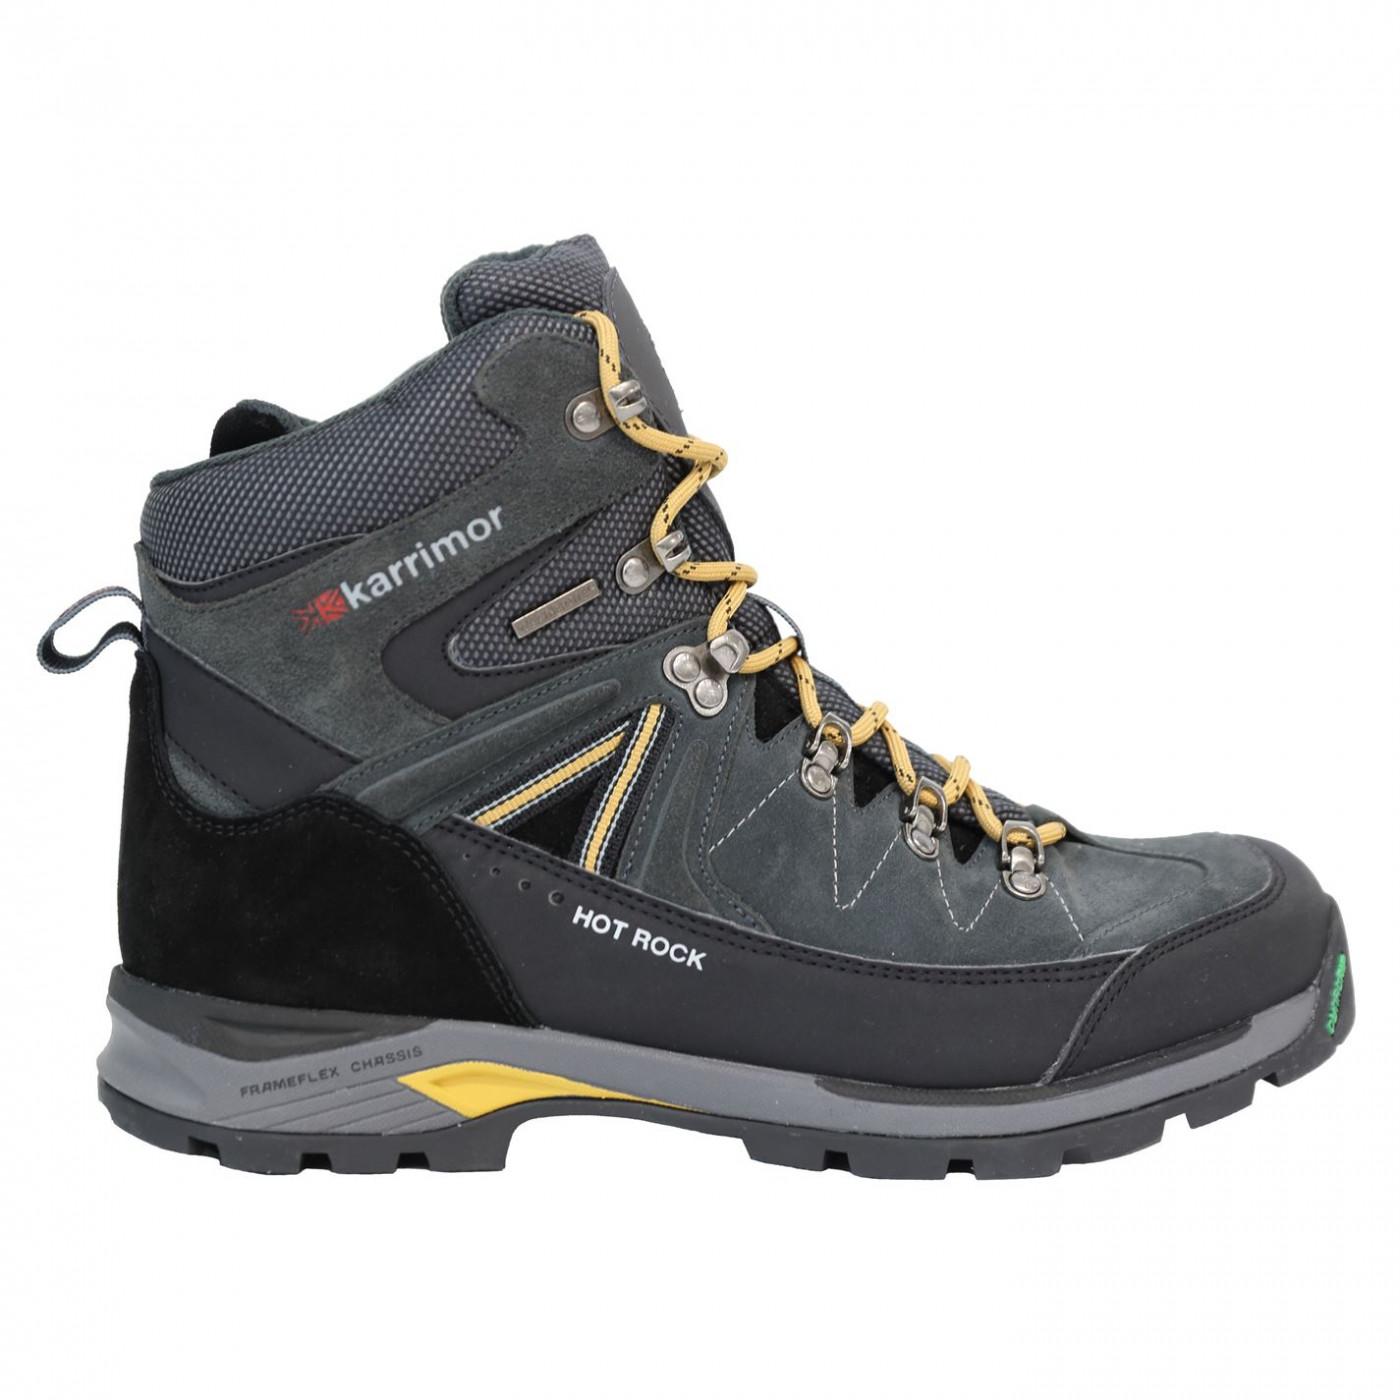 Мъжки обувки Karrimor Hot Rock